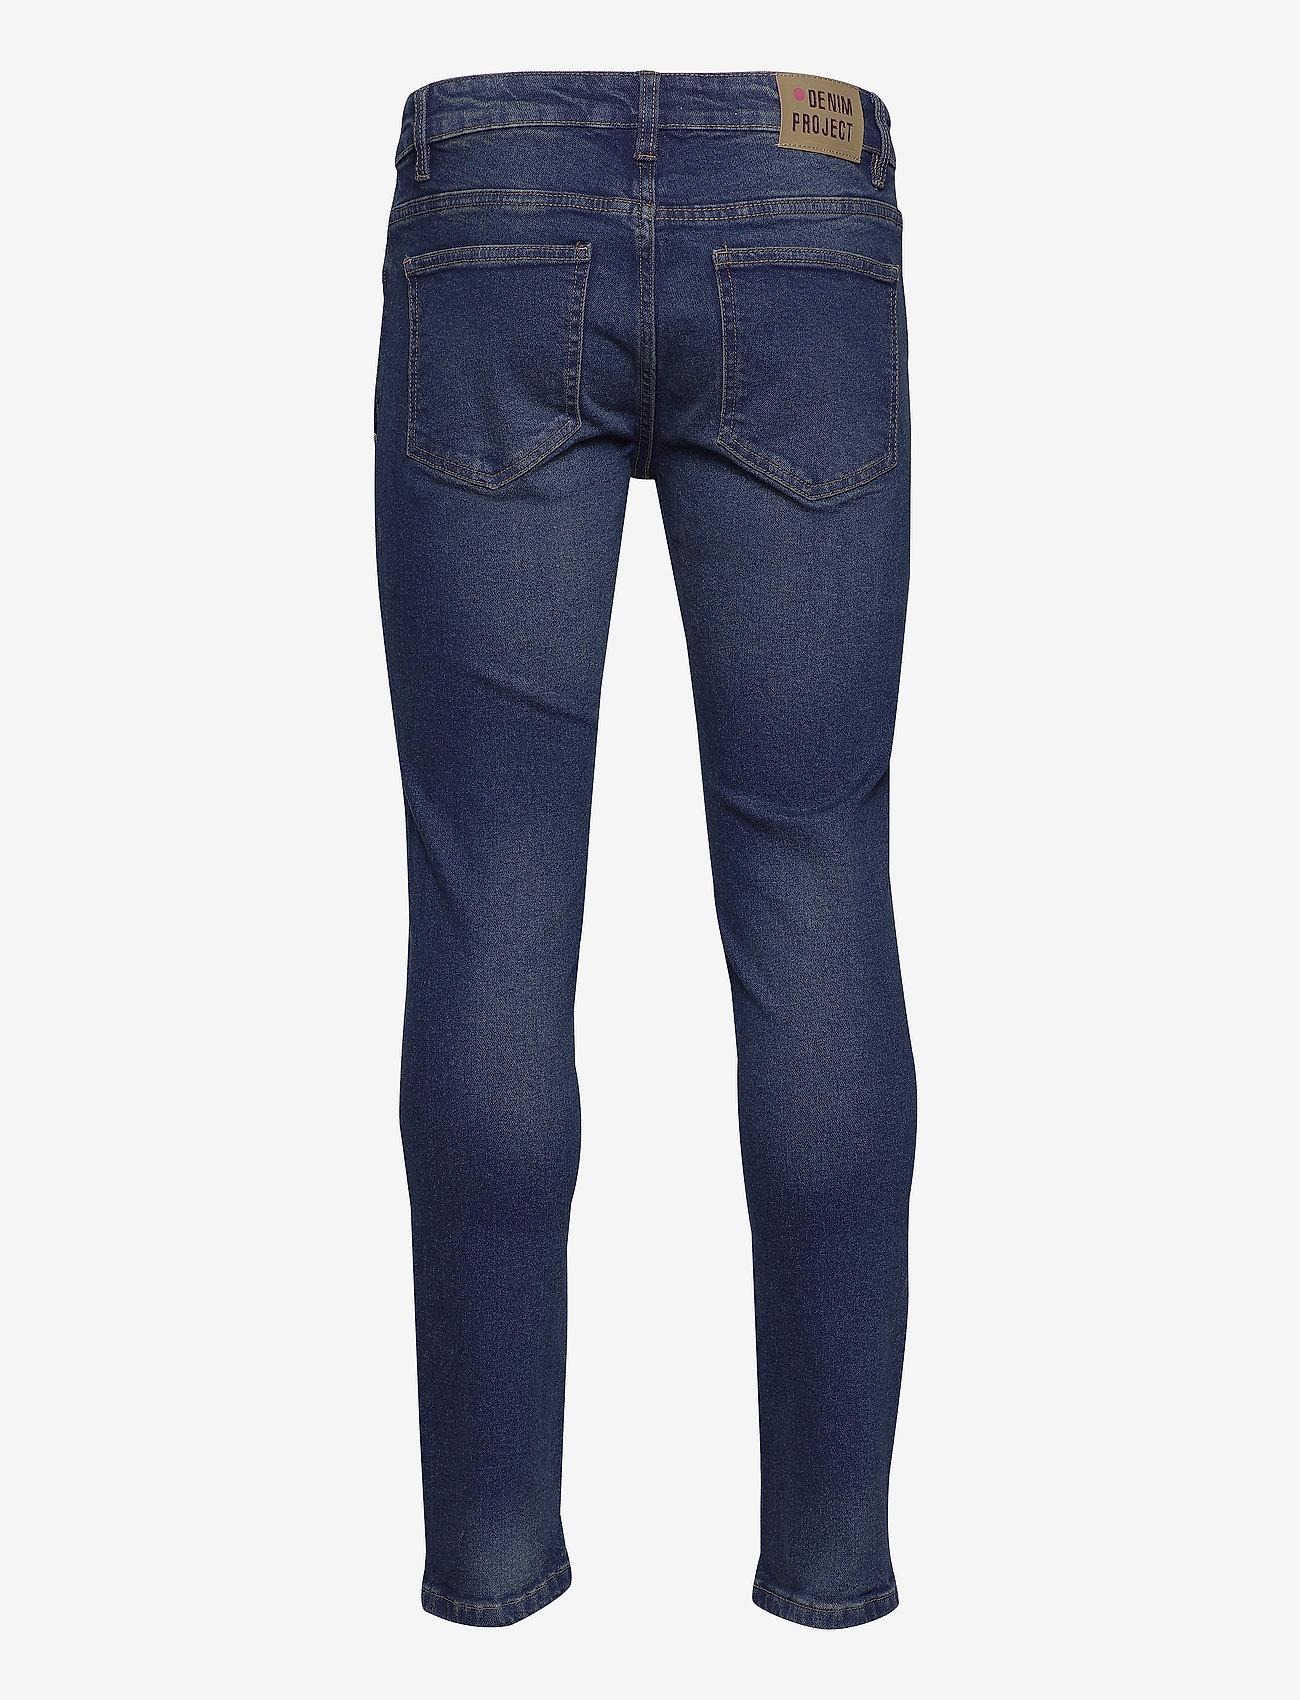 Denim project - Mr. Red - slim jeans - vintage blue - 1